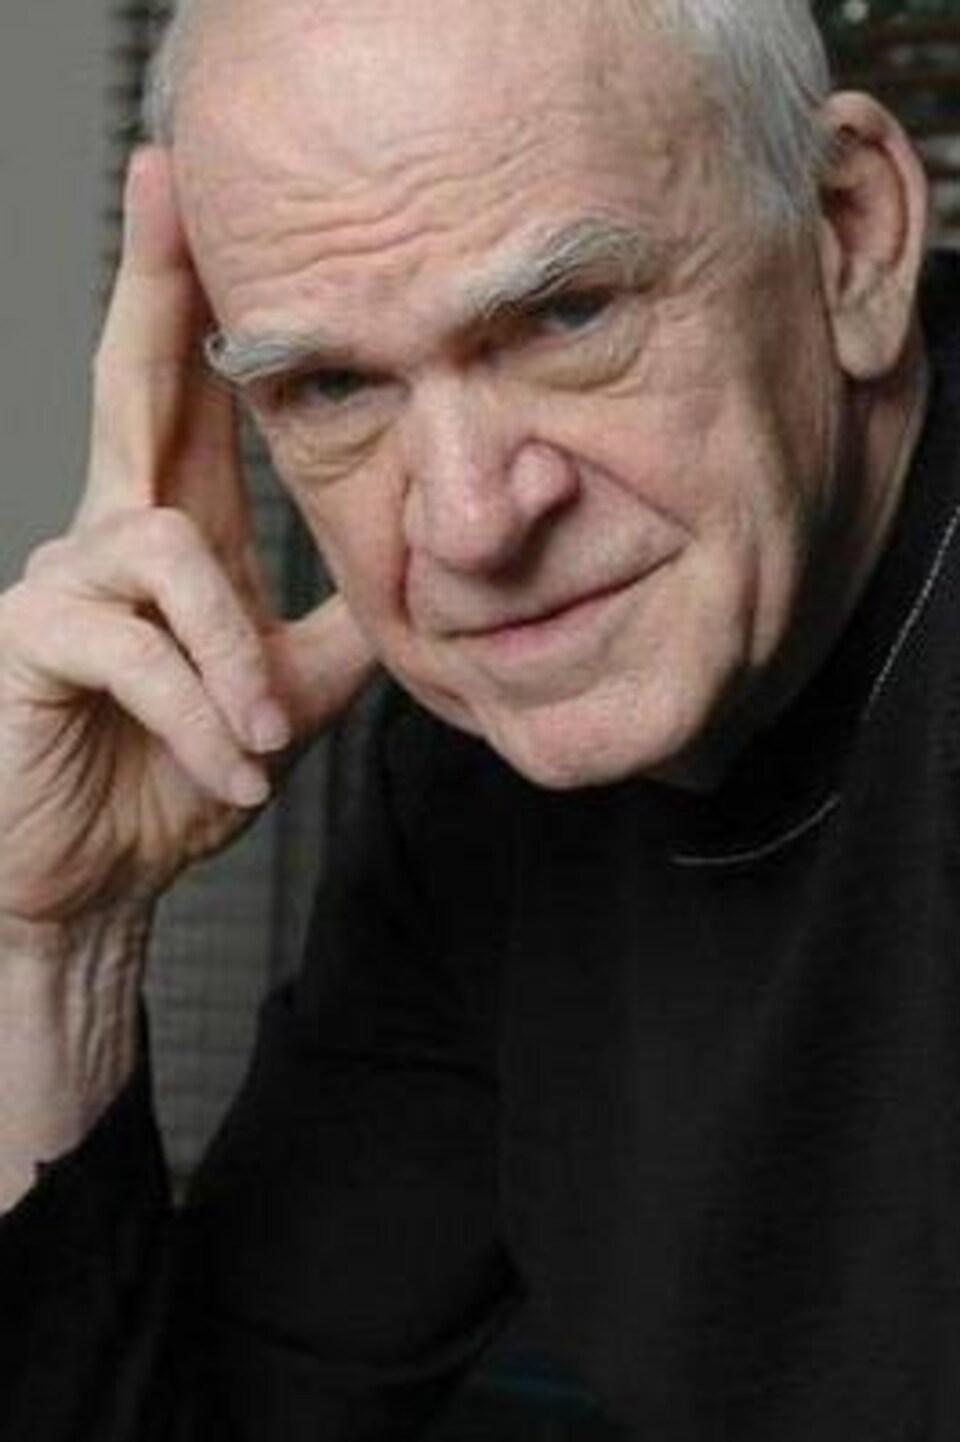 L'écrivain Milan Kundera. Un vieil homme au regard pénétrant.